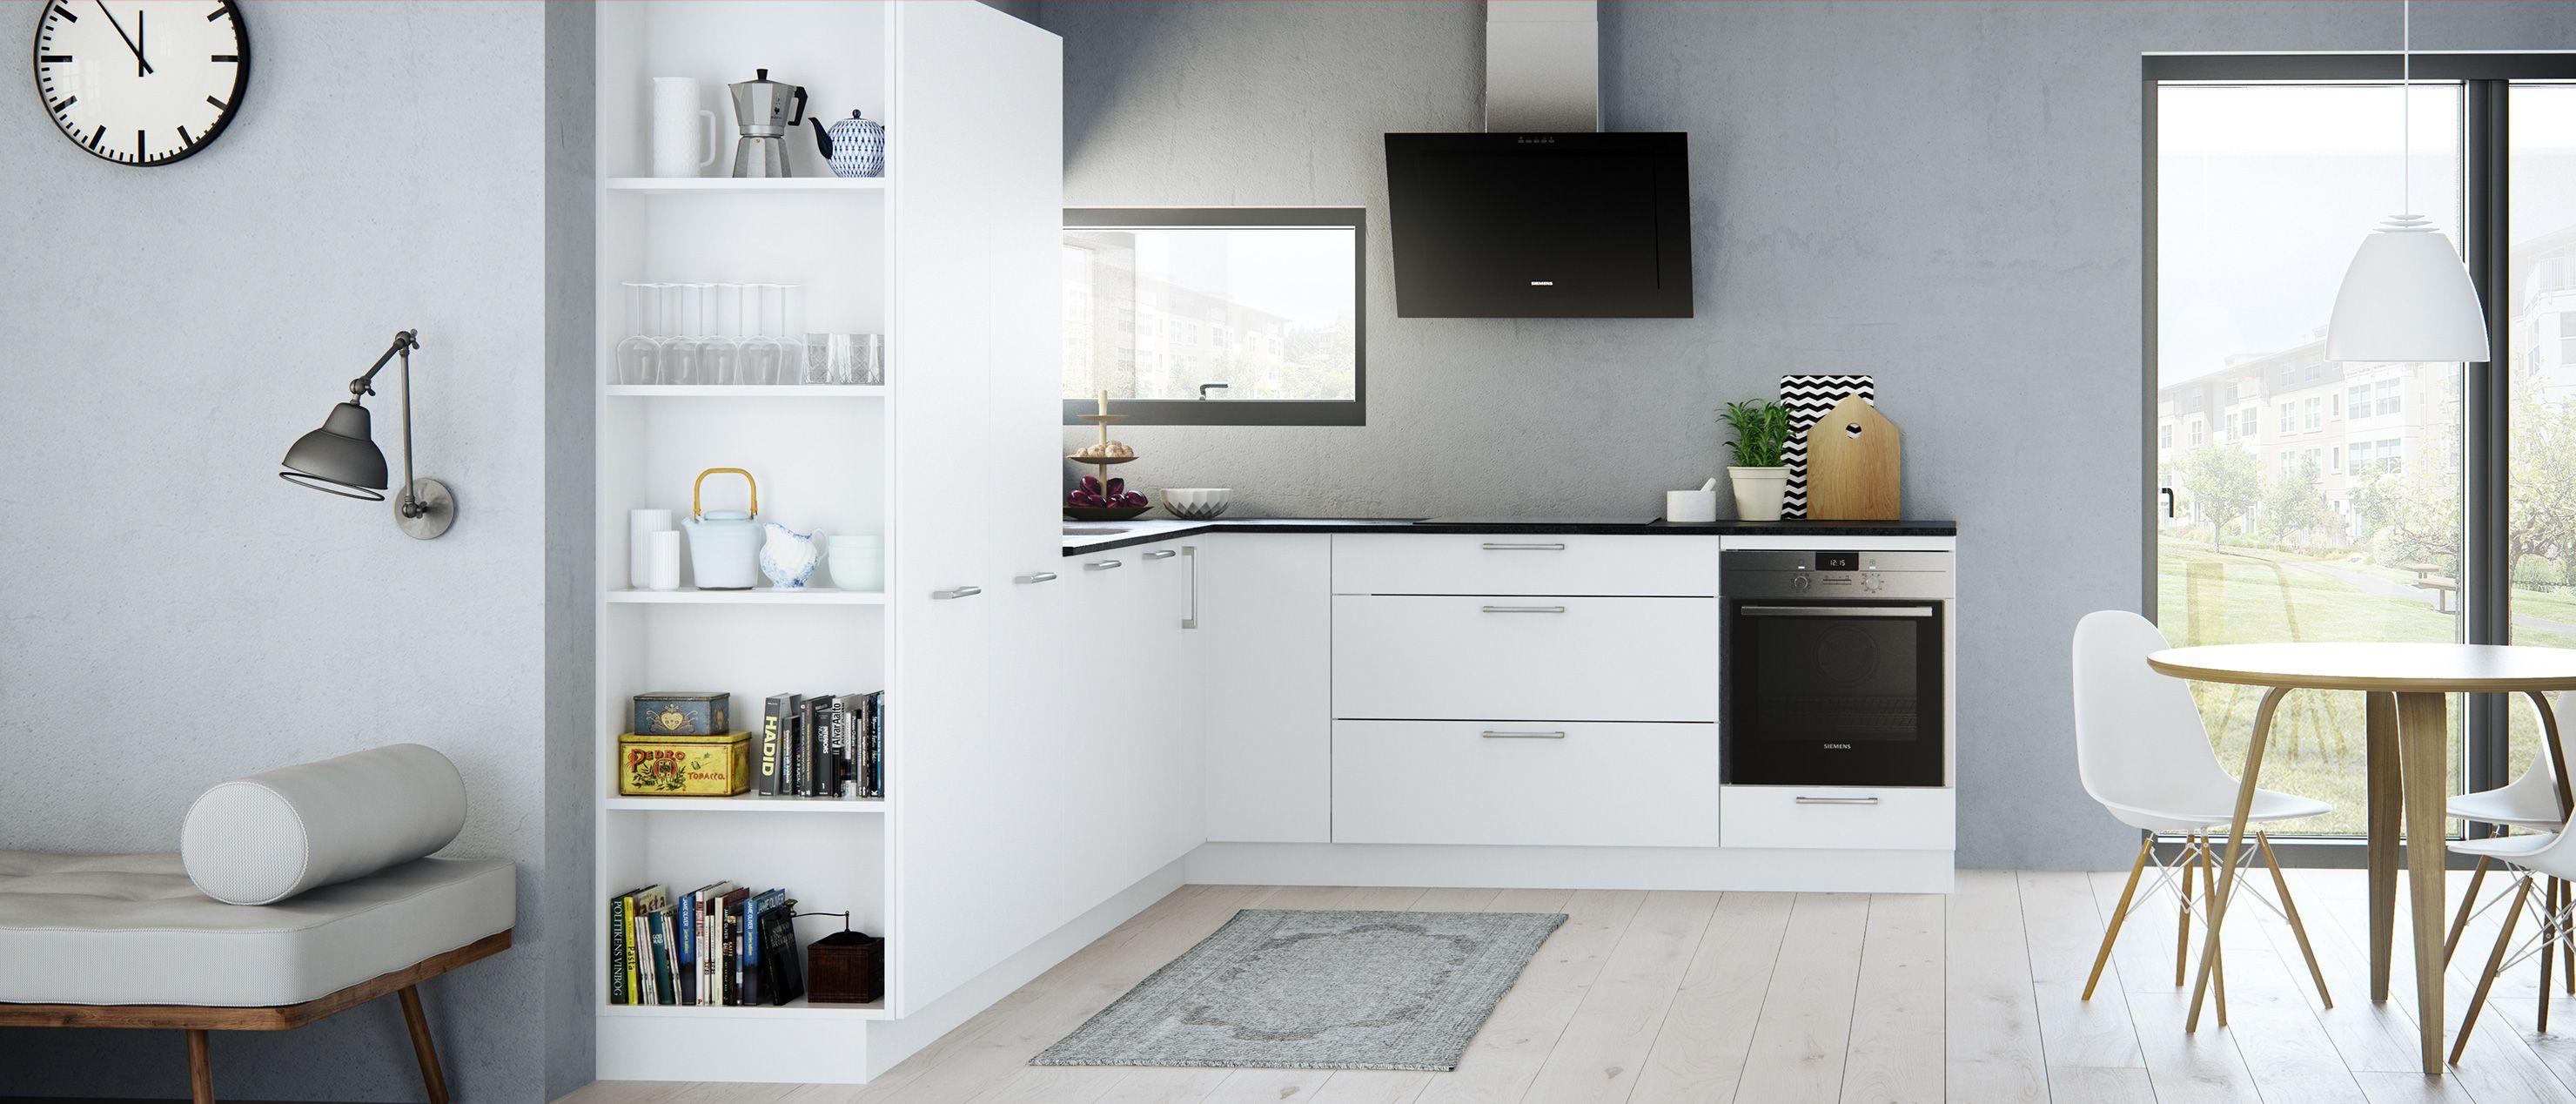 Een harmonische uitstraling tussen keuken en woonkamer kies onze milk keuken die is verzacht - Keuken open voor woonkamer ...